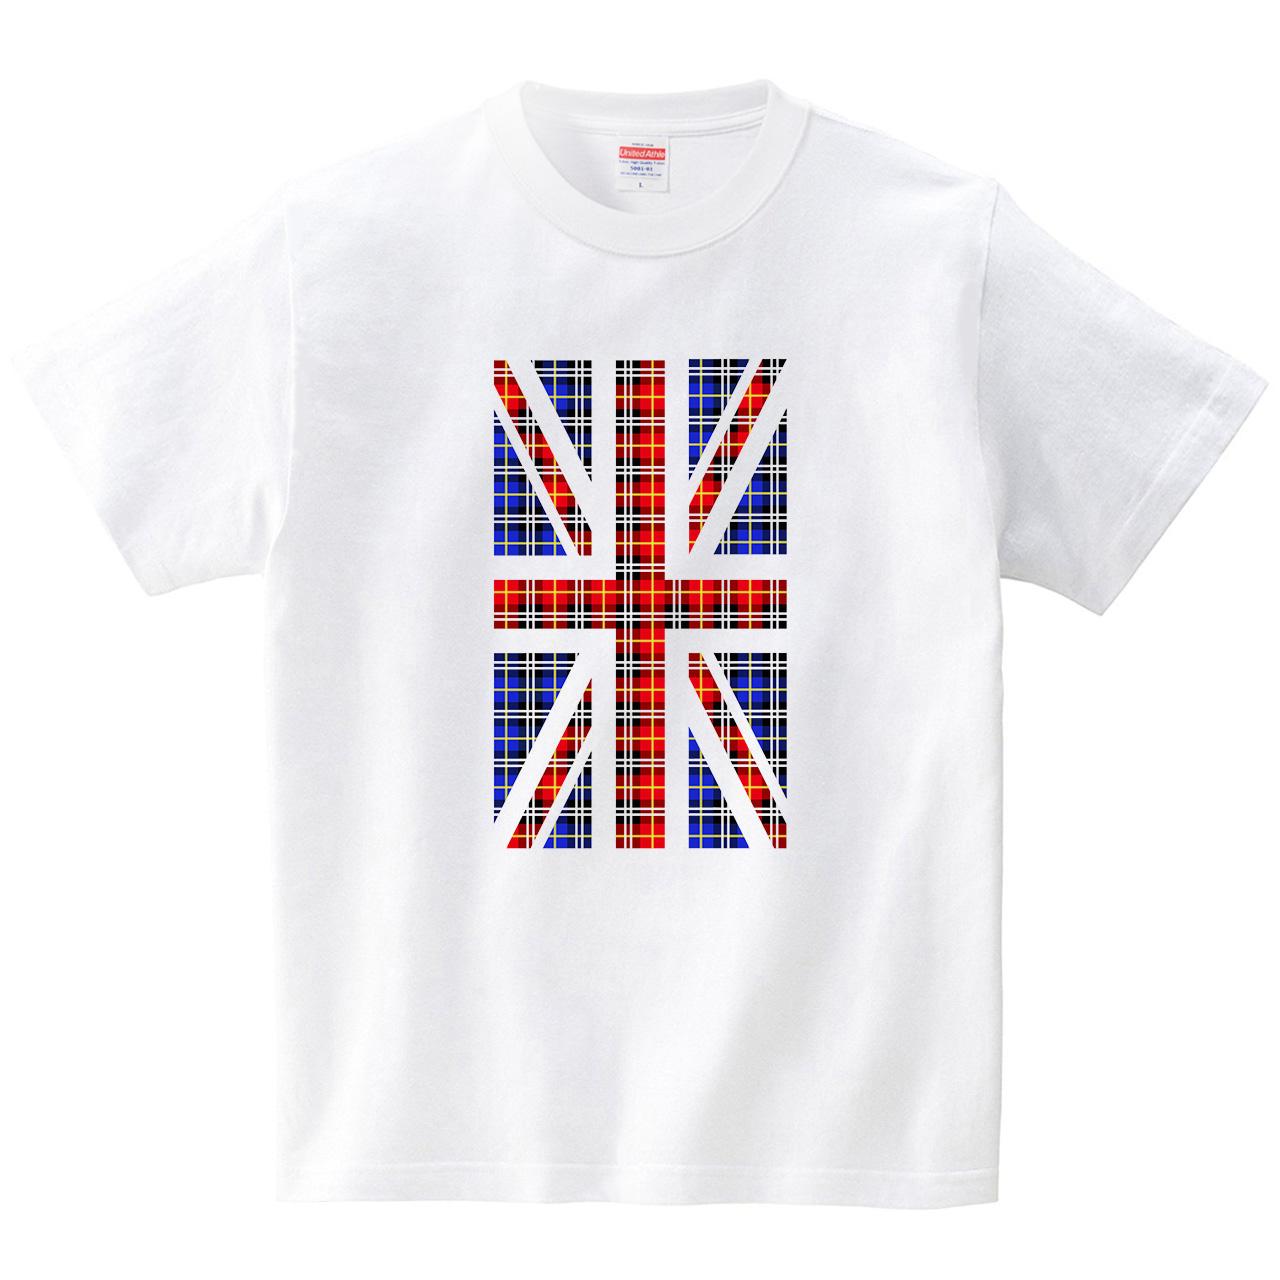 タータンなユニオンジャック(Tシャツ・ホワイト)(CHATON_CATON_T)